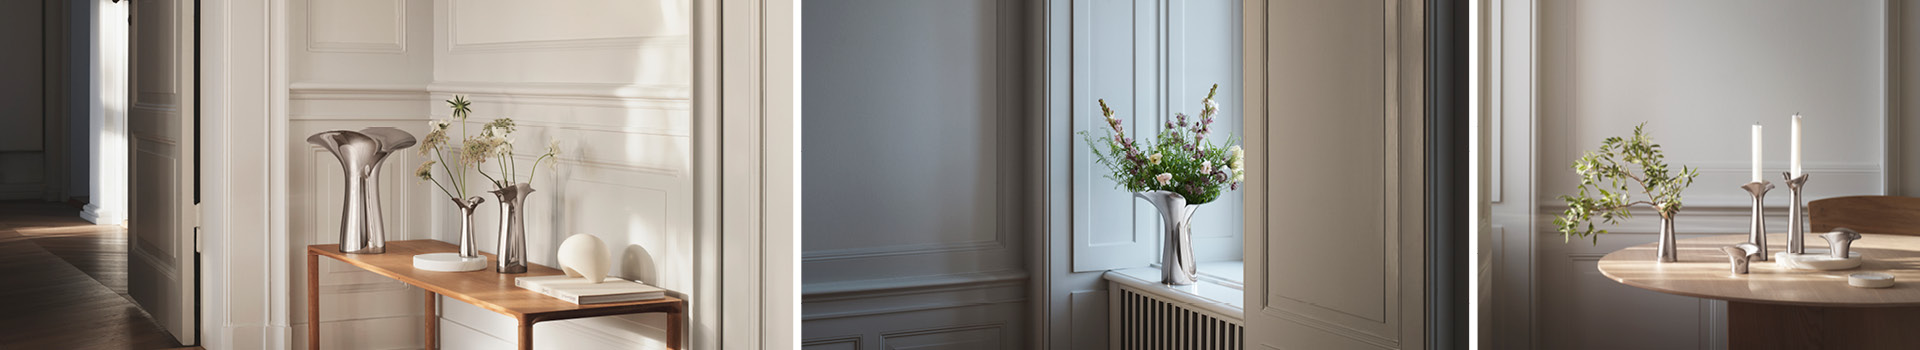 Georg-Jensen-Bloom-Botanica-Helle-Danmkjær-vaser-d.jpg